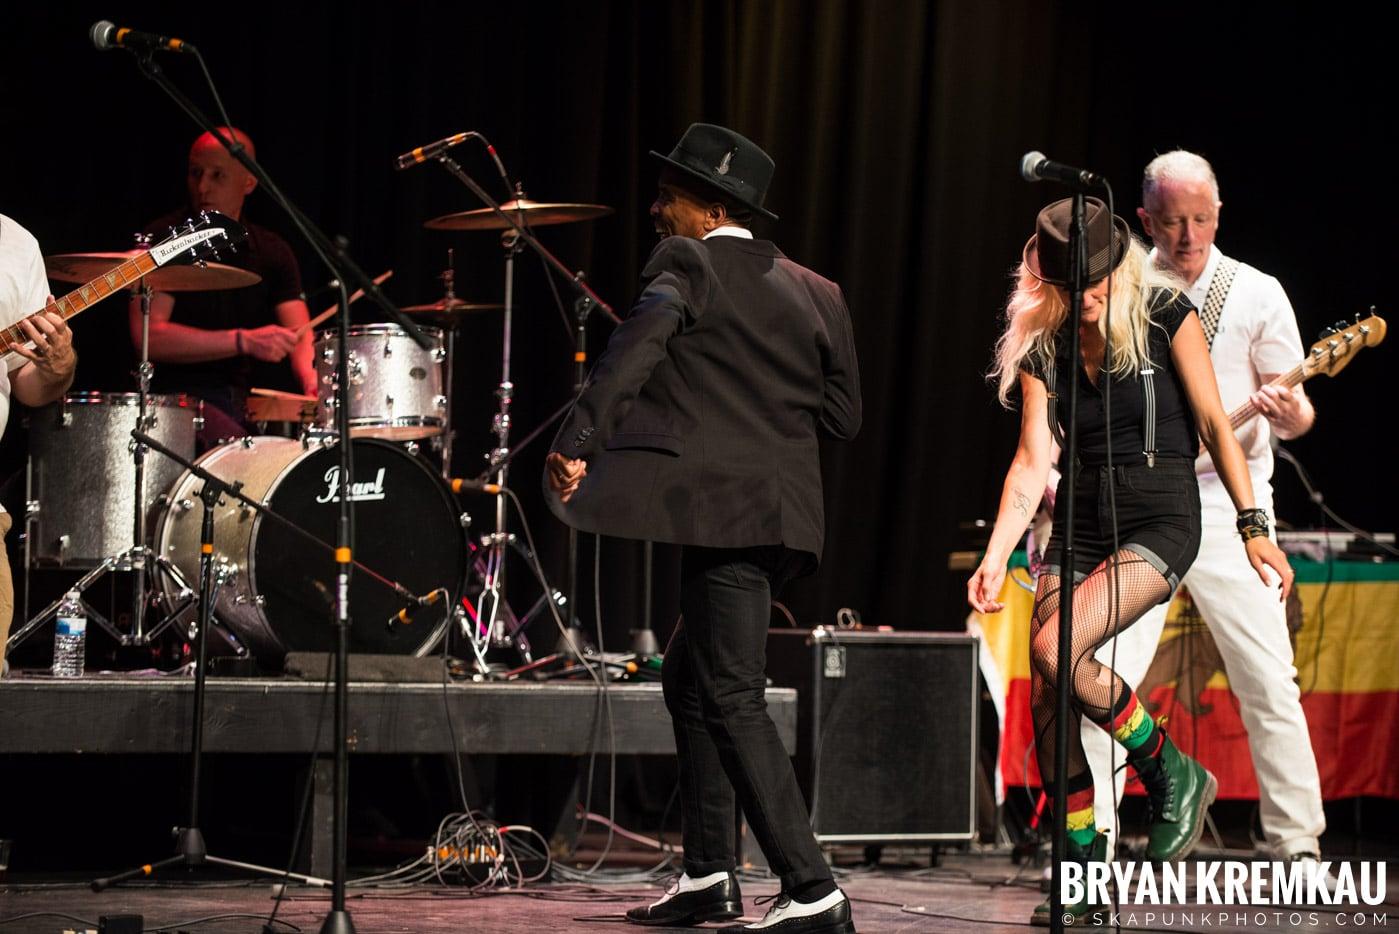 Rude Boy George @ Oskar Schindler Performing Arts Center, West Orange, NJ - 8.19.17 (41)